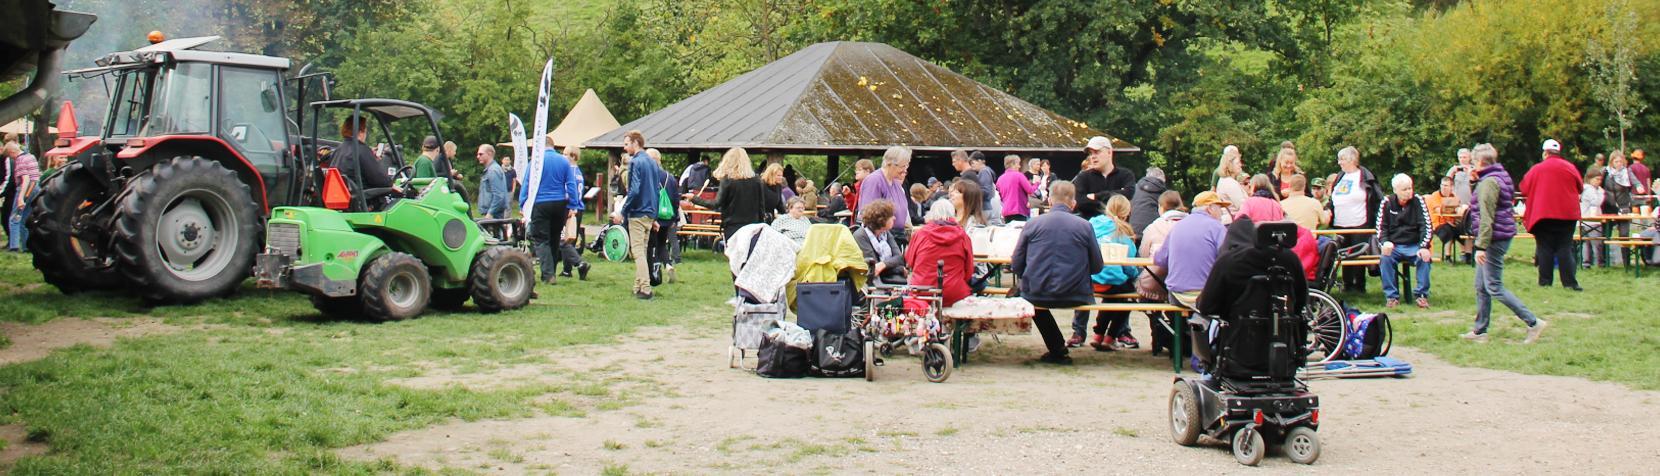 P-klubben med på tur til Naturcenter Herstedhøje